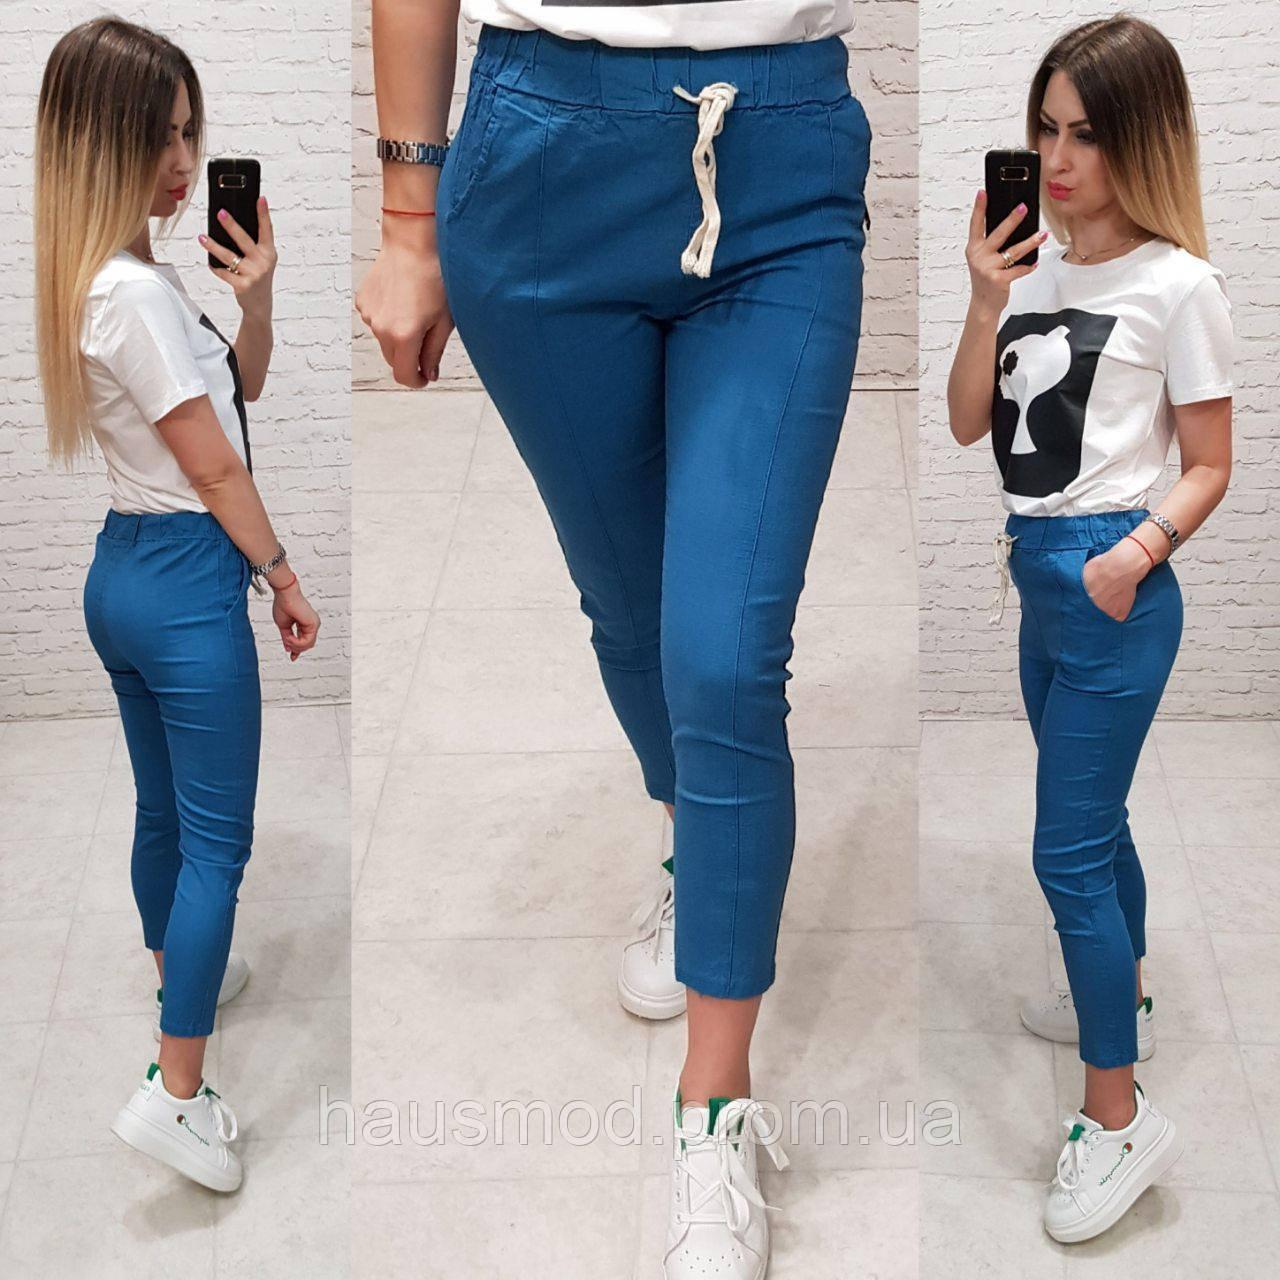 Женские брюки укороченные ткань лен посадка средняя цвет синий